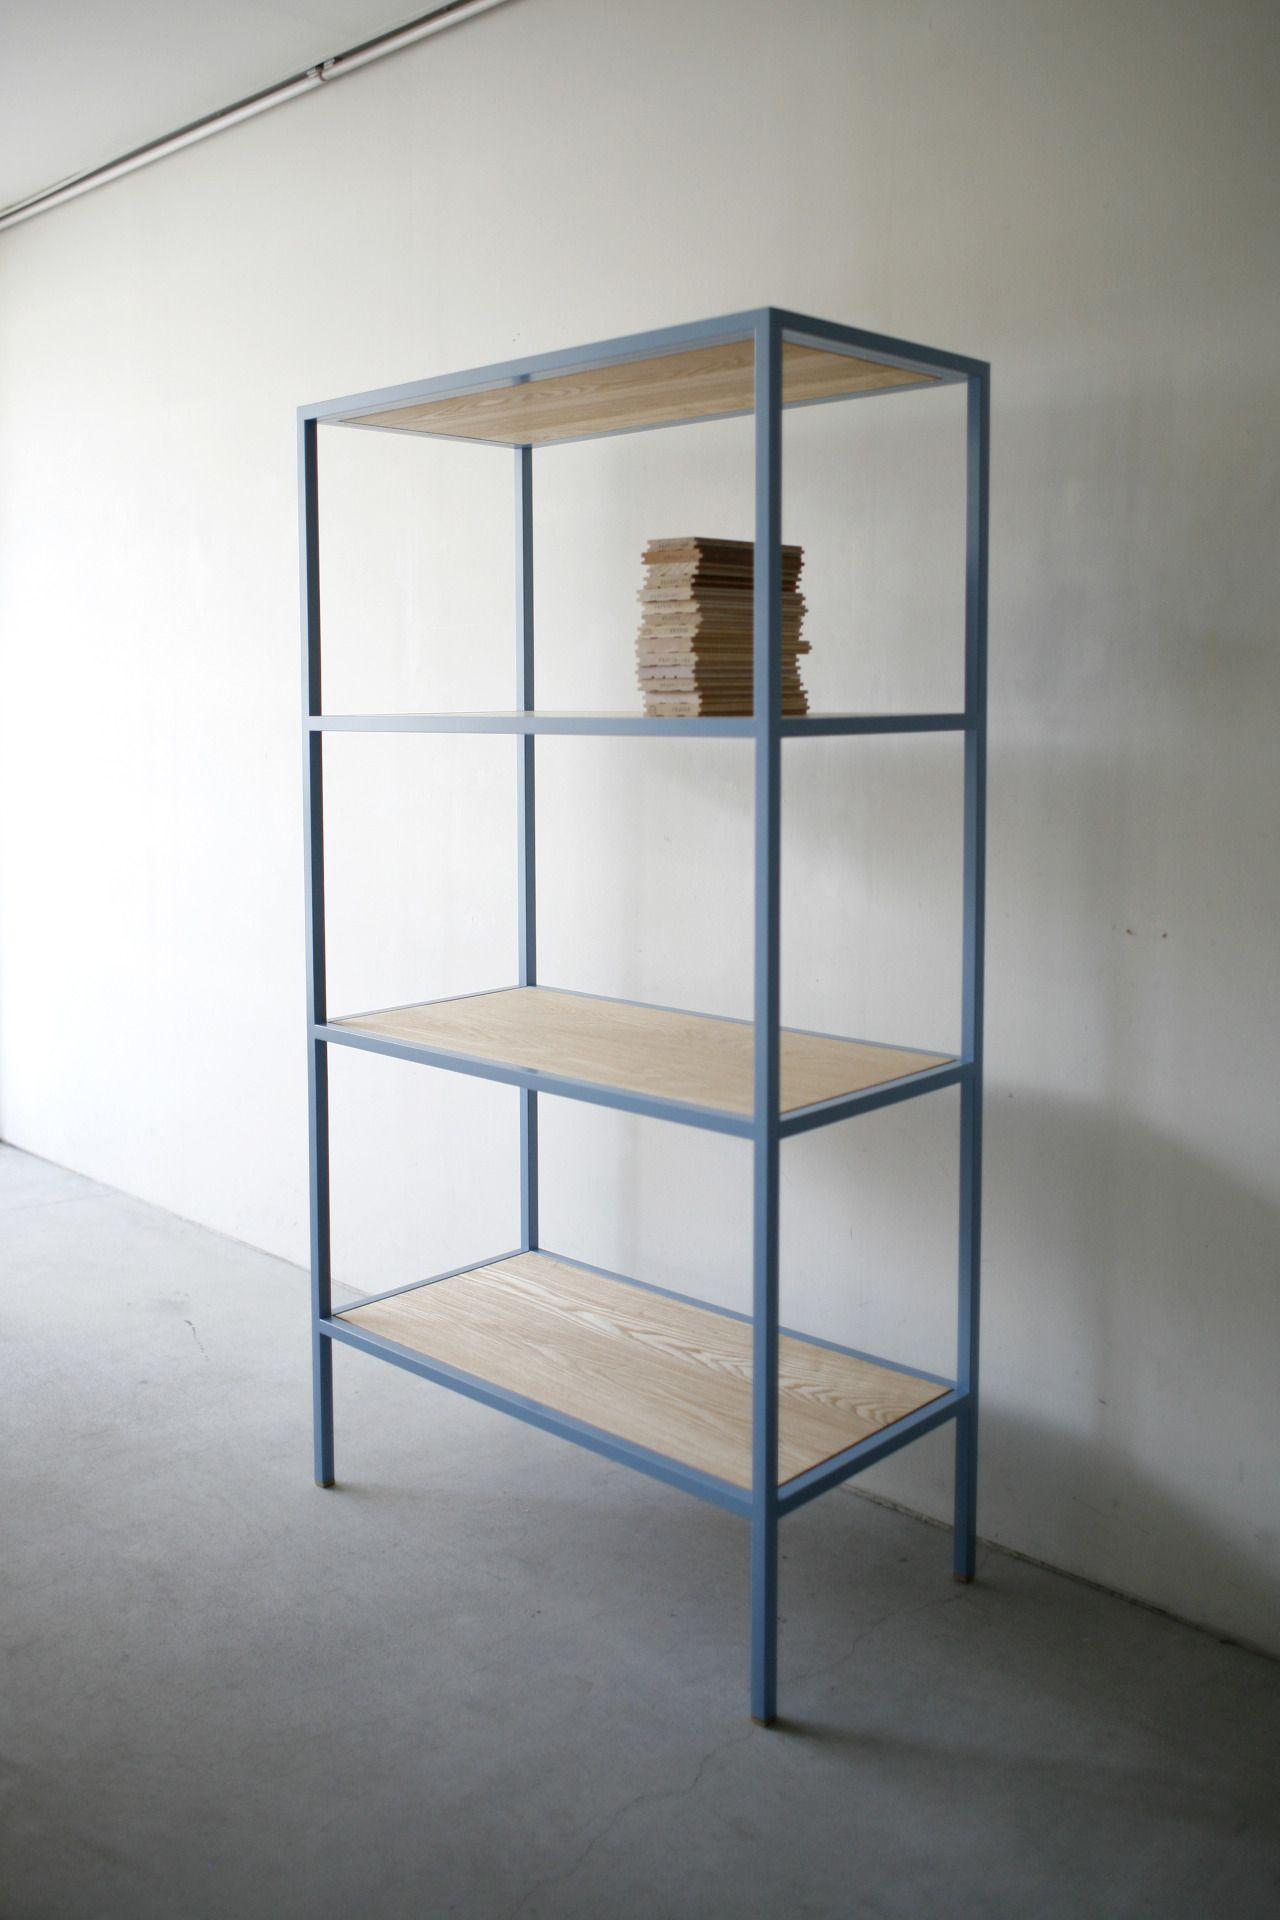 Les 25 meilleures id es de la cat gorie peindre meuble - Peindre meuble melamine sans poncer ...